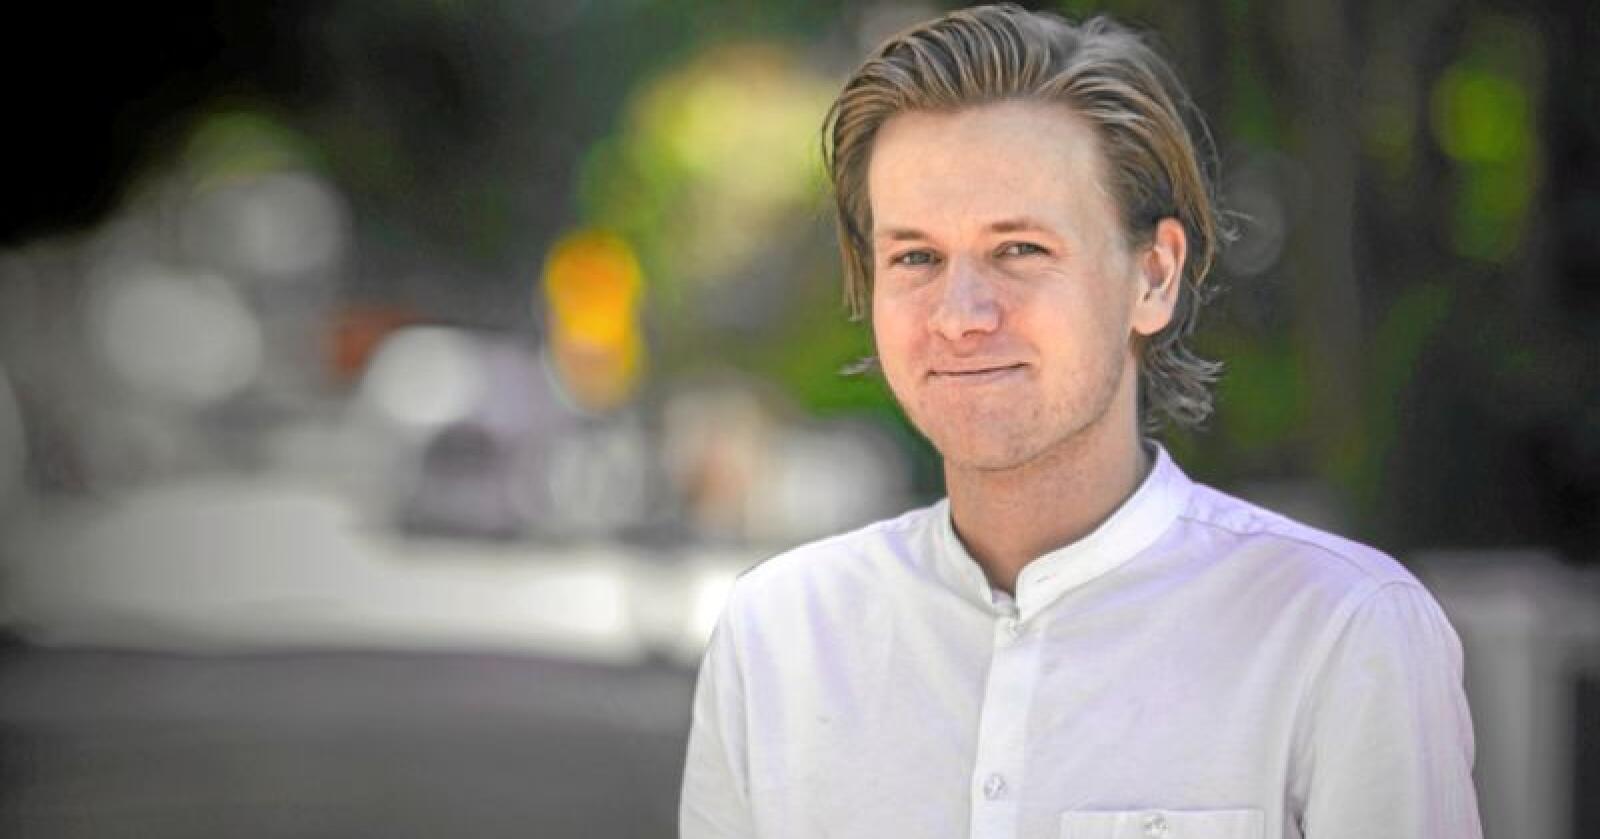 Unge Venstre leder Sondre Hansmark krever at pelsopprøret i Høyre og Frp må få konsekvenser for innstrammingene i abortloven. Foto: Unge Venstre